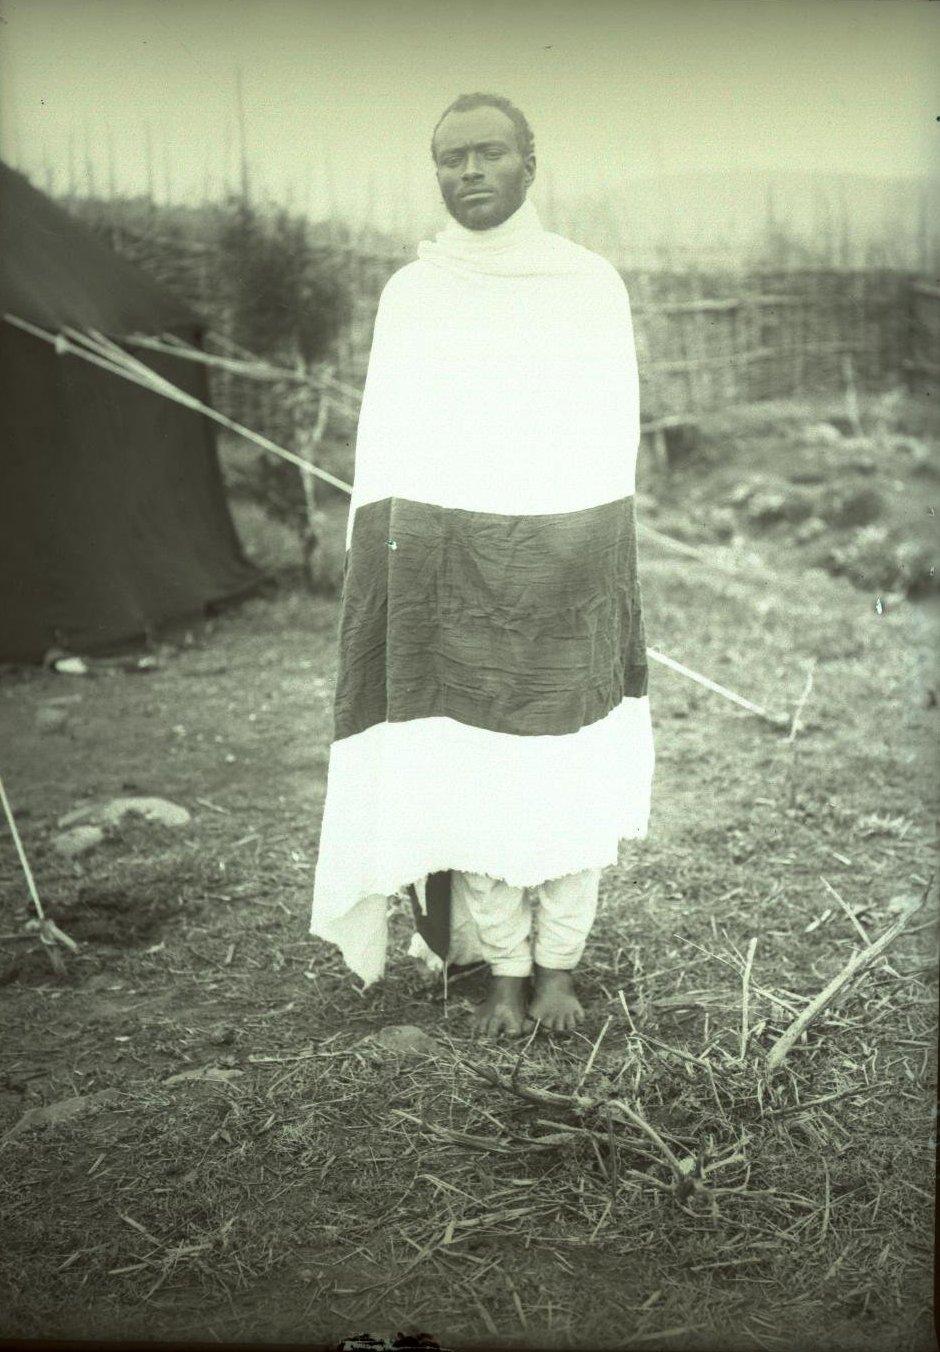 387. 1899. Абиссиния, Аддис-Абеба. Мужчина в традиционной одежде